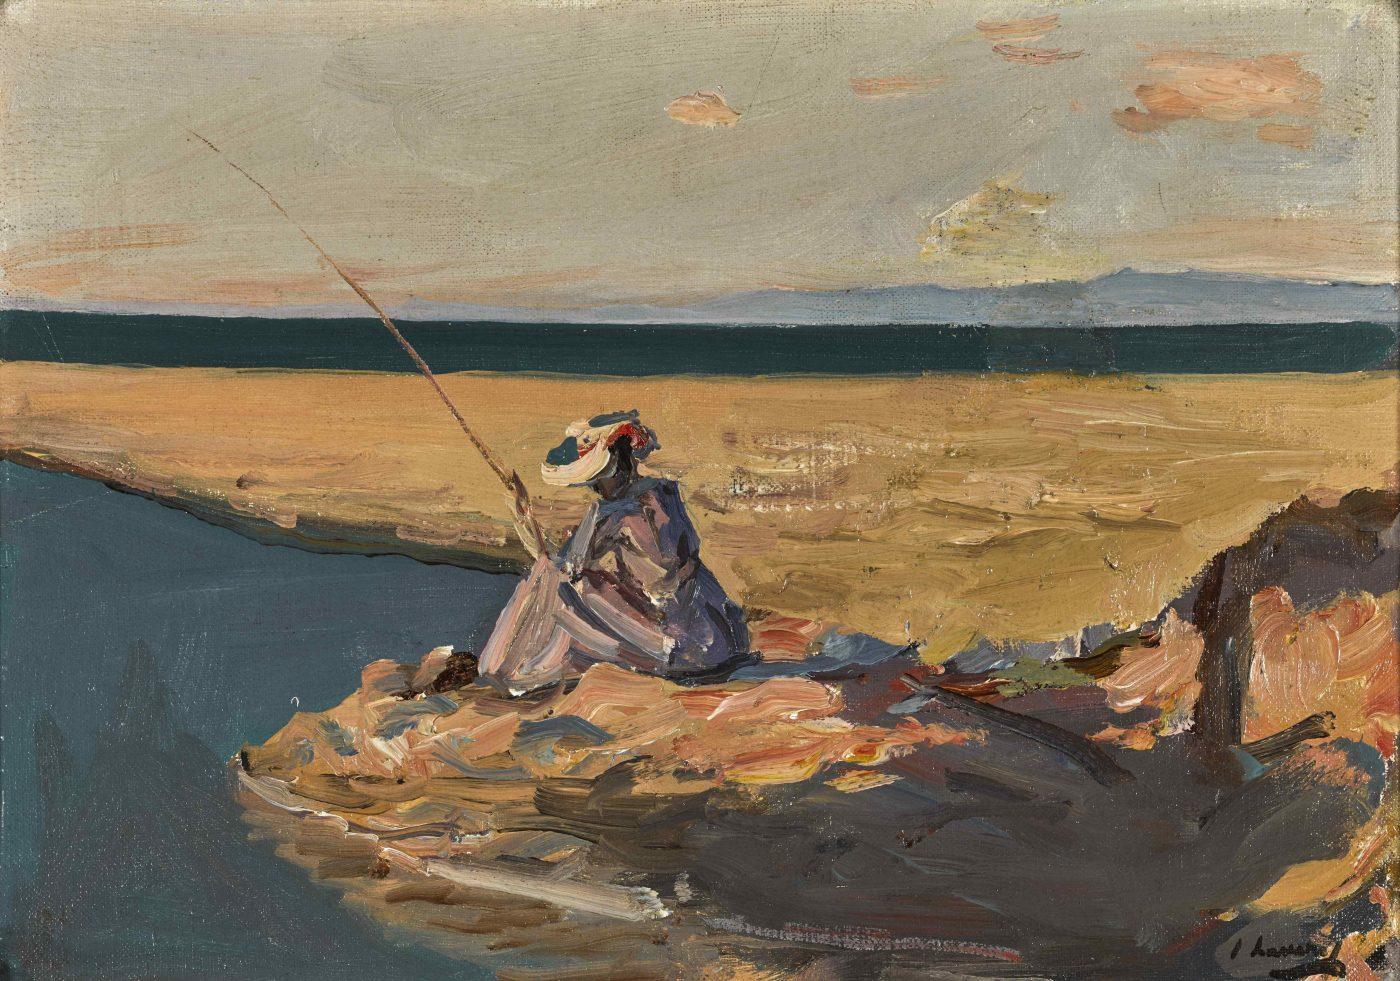 Sir John Lavery, RA (1856-1941), The Angler